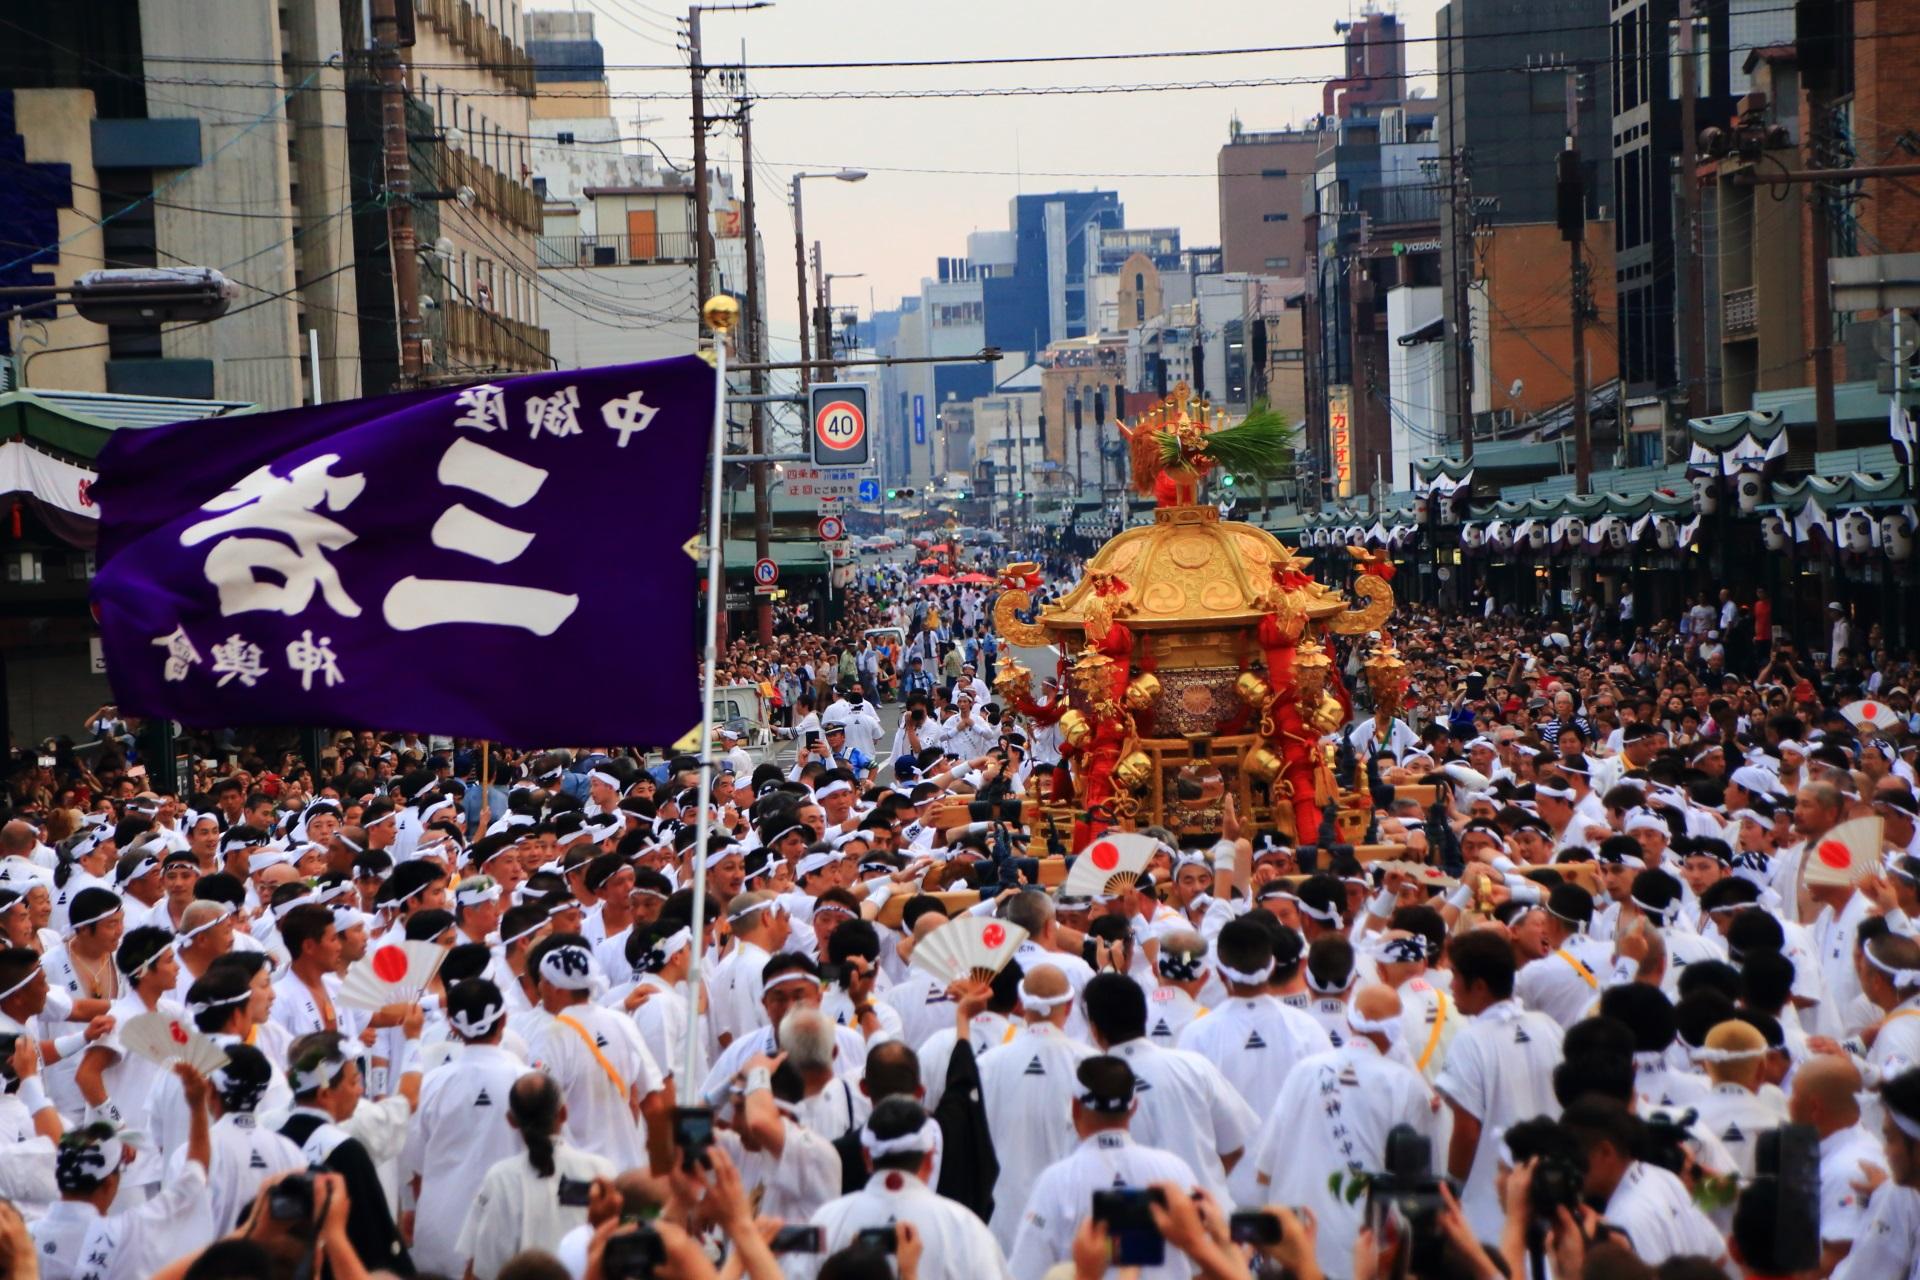 中御座神輿を担ぐ三若神輿会(さんわかしんよかい)